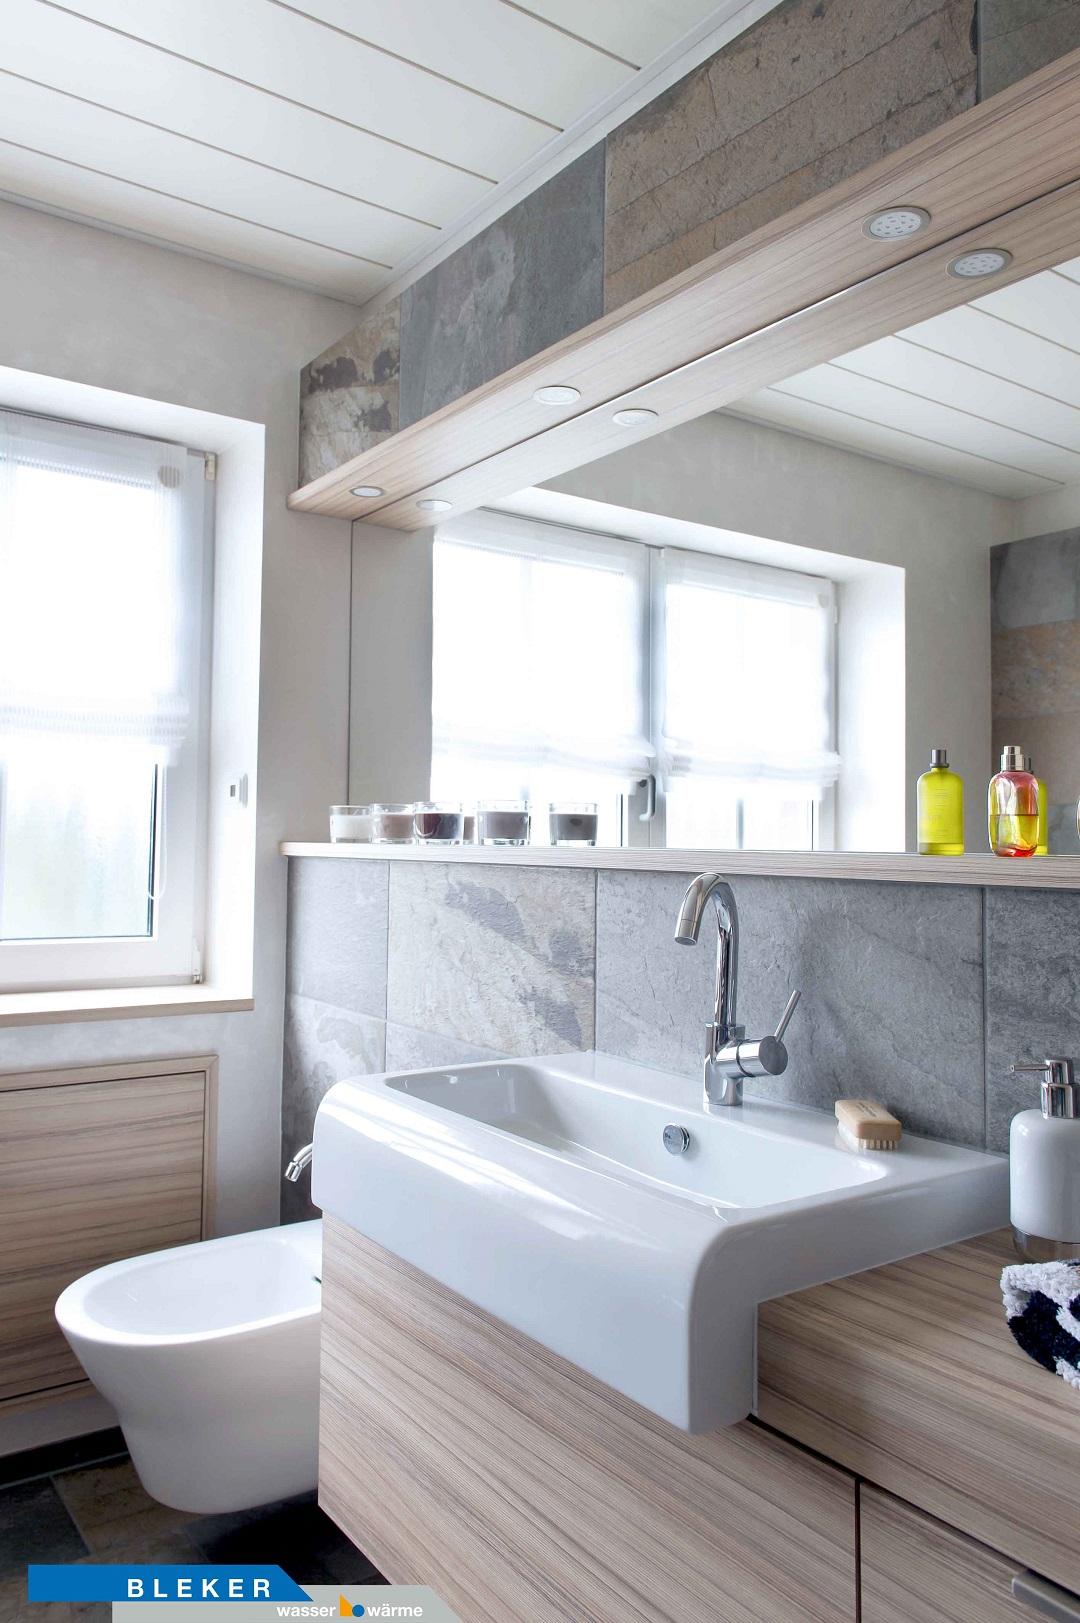 Bad mit Waschtischanlage und Bidet-WC